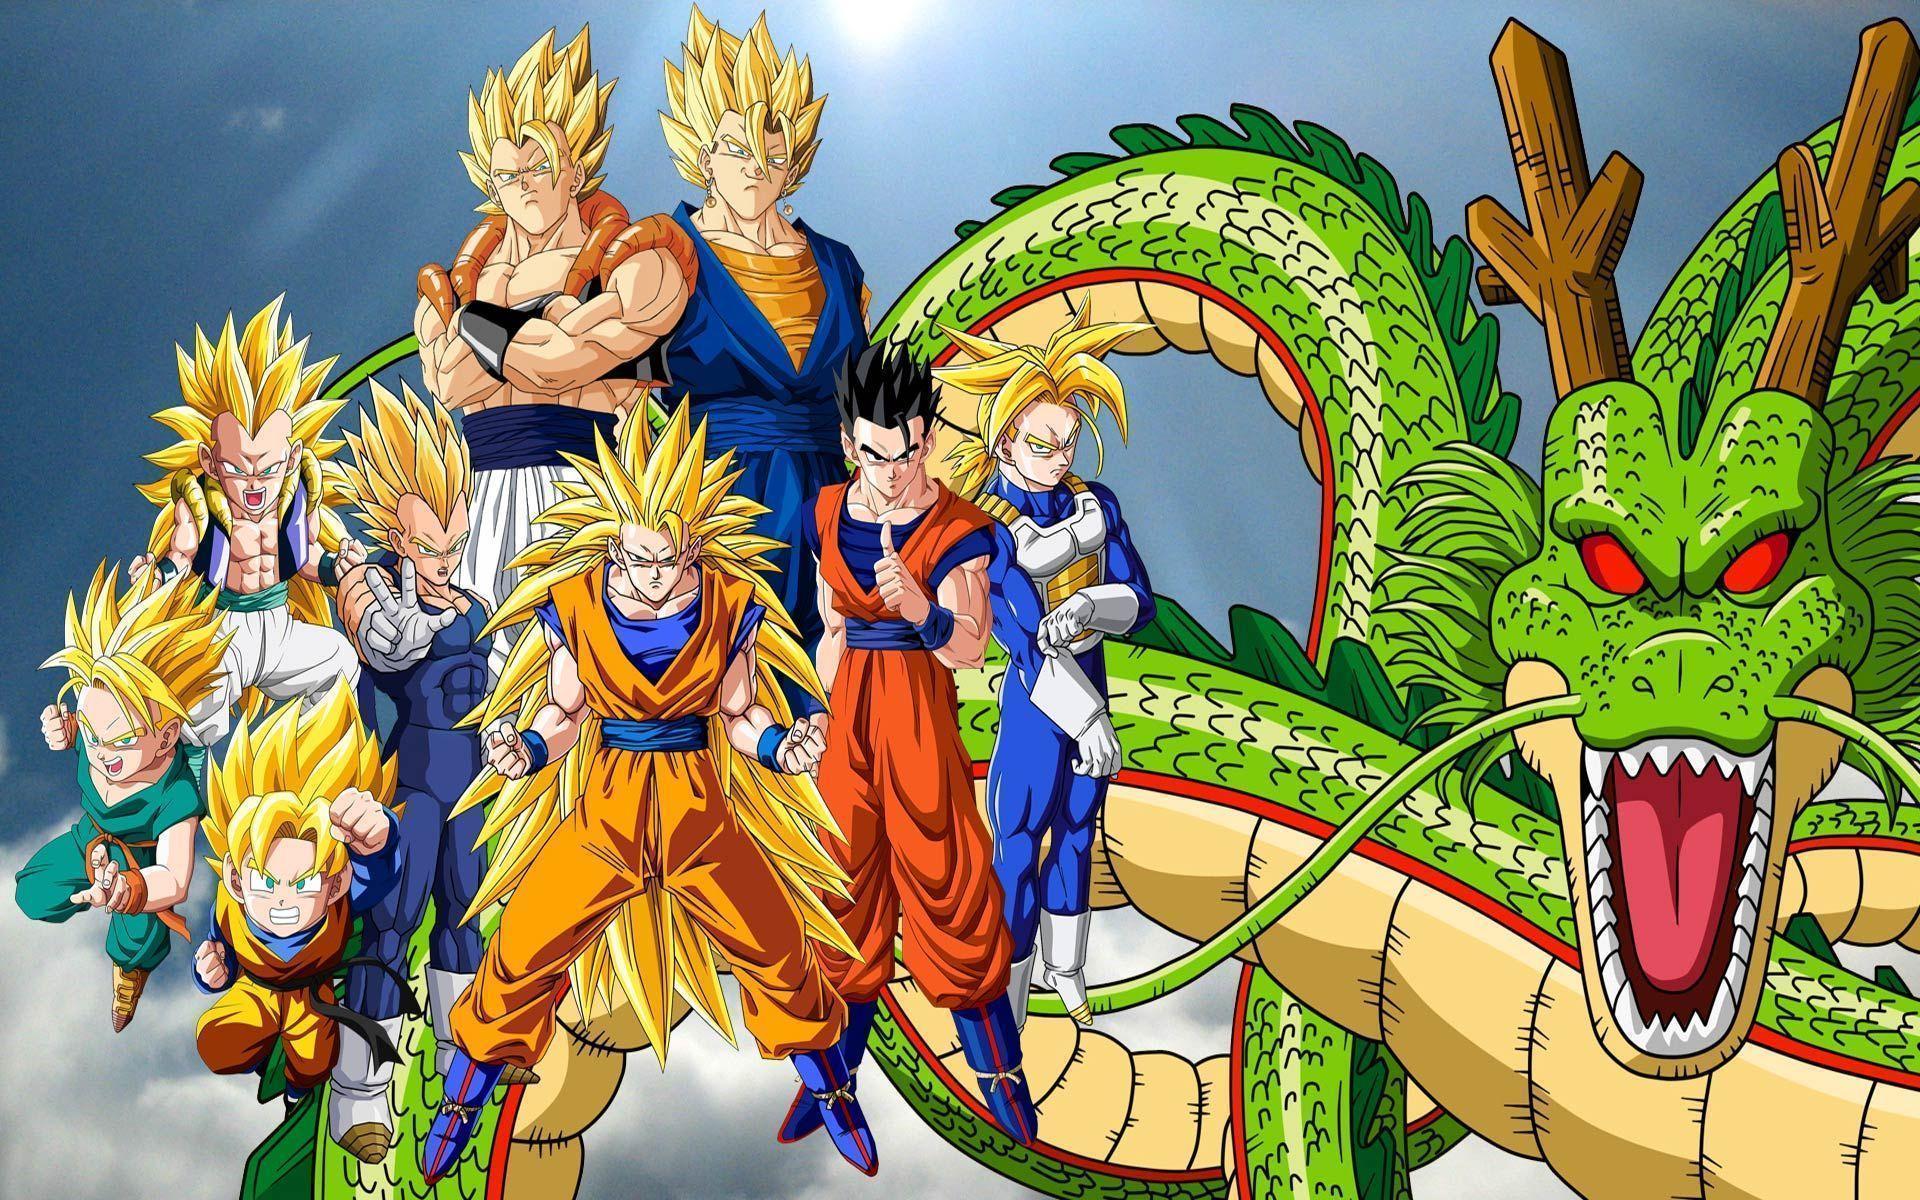 Dragon Ball Z Hd Wallpapers